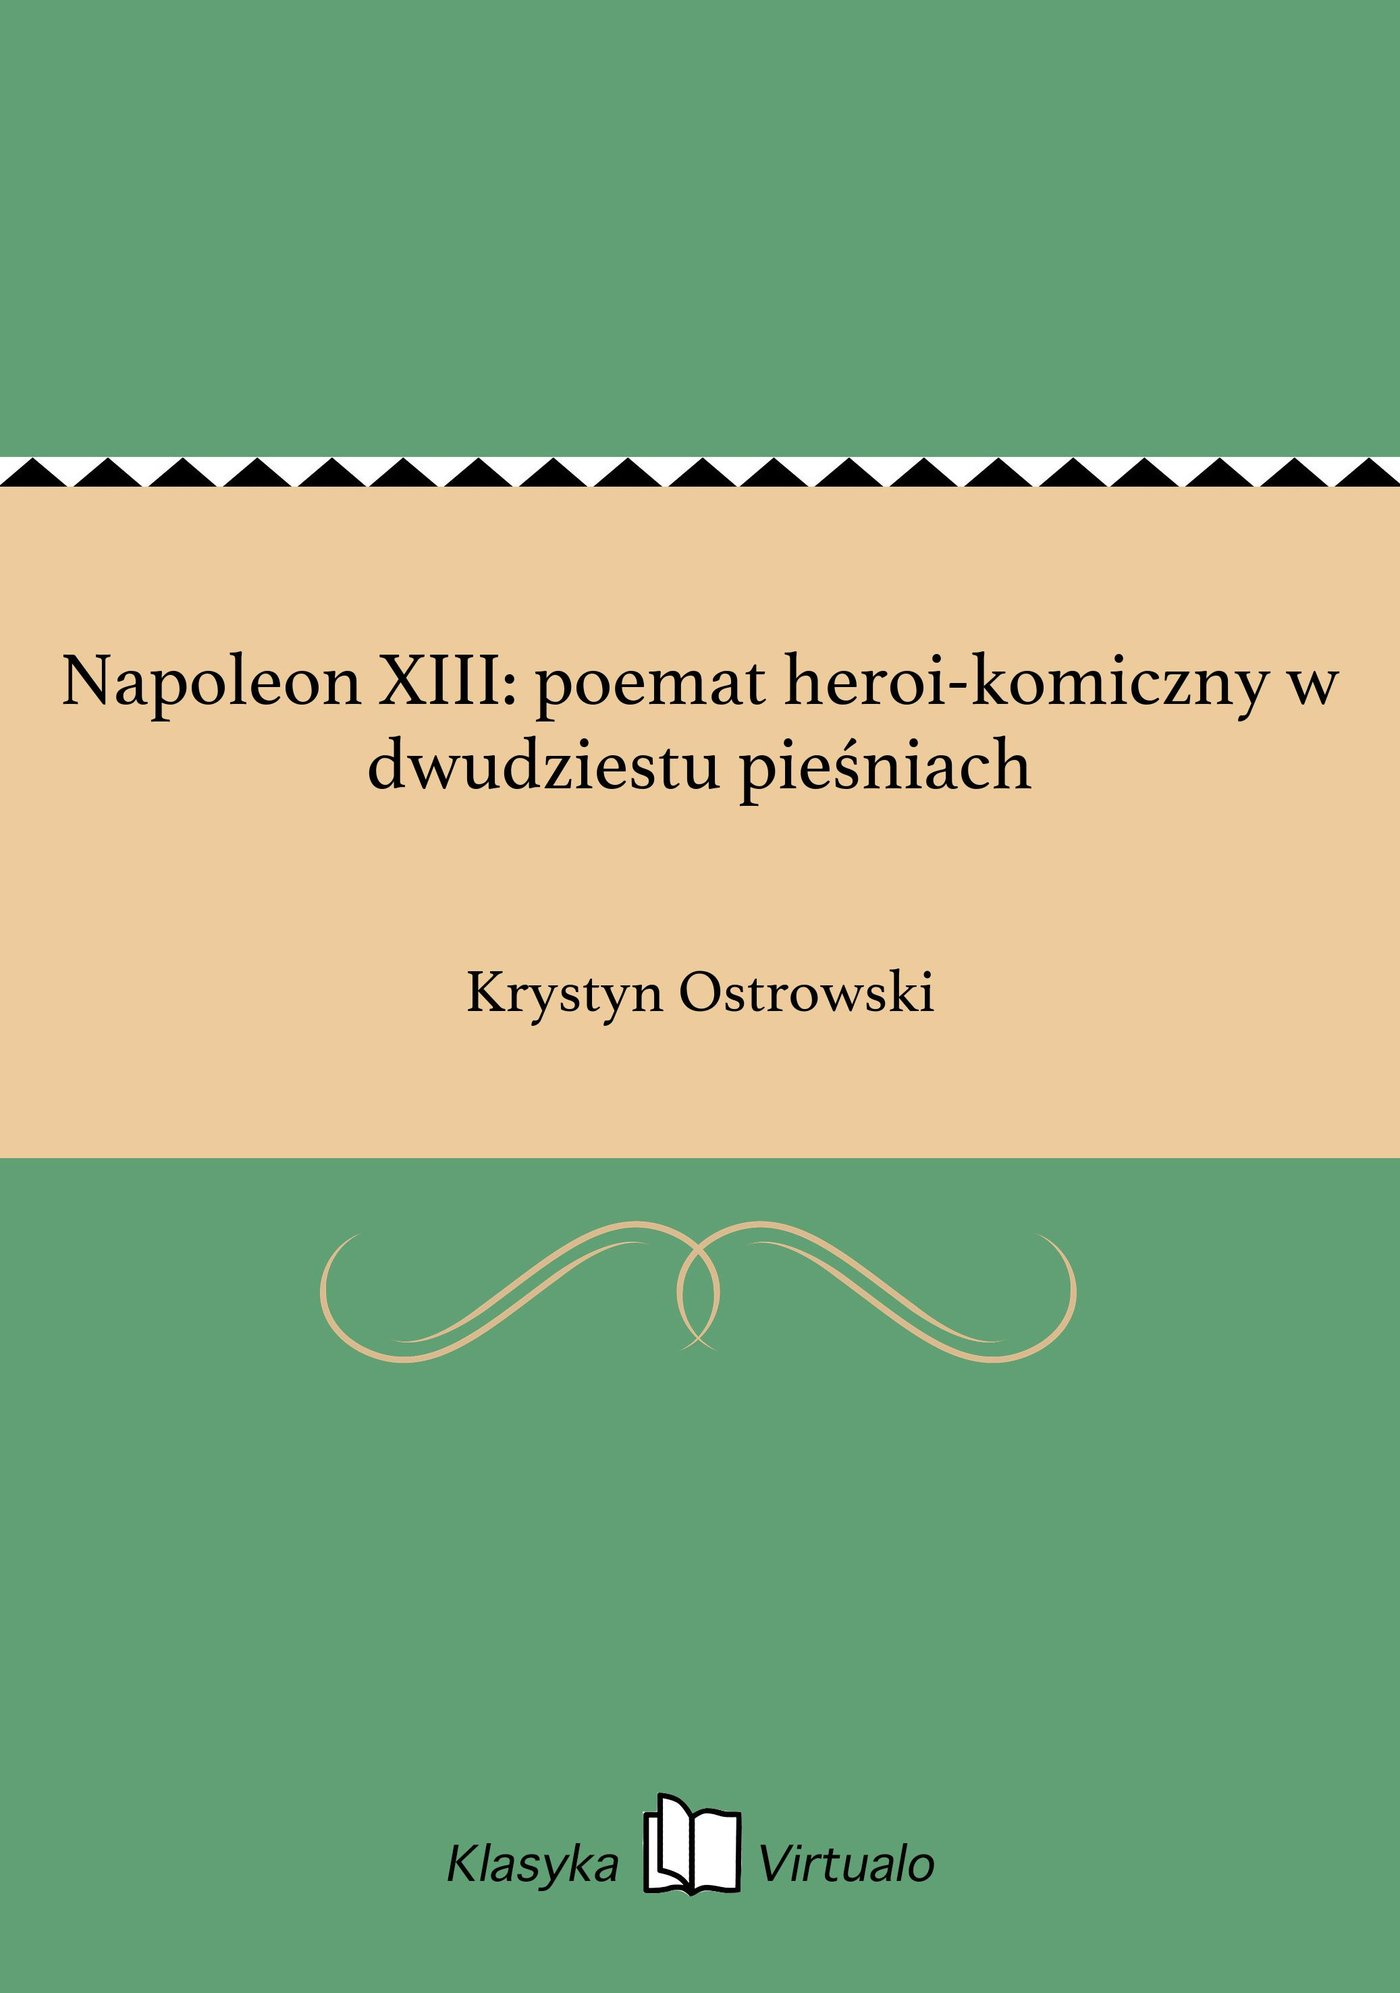 Napoleon XIII: poemat heroi-komiczny w dwudziestu pieśniach - Ebook (Książka EPUB) do pobrania w formacie EPUB